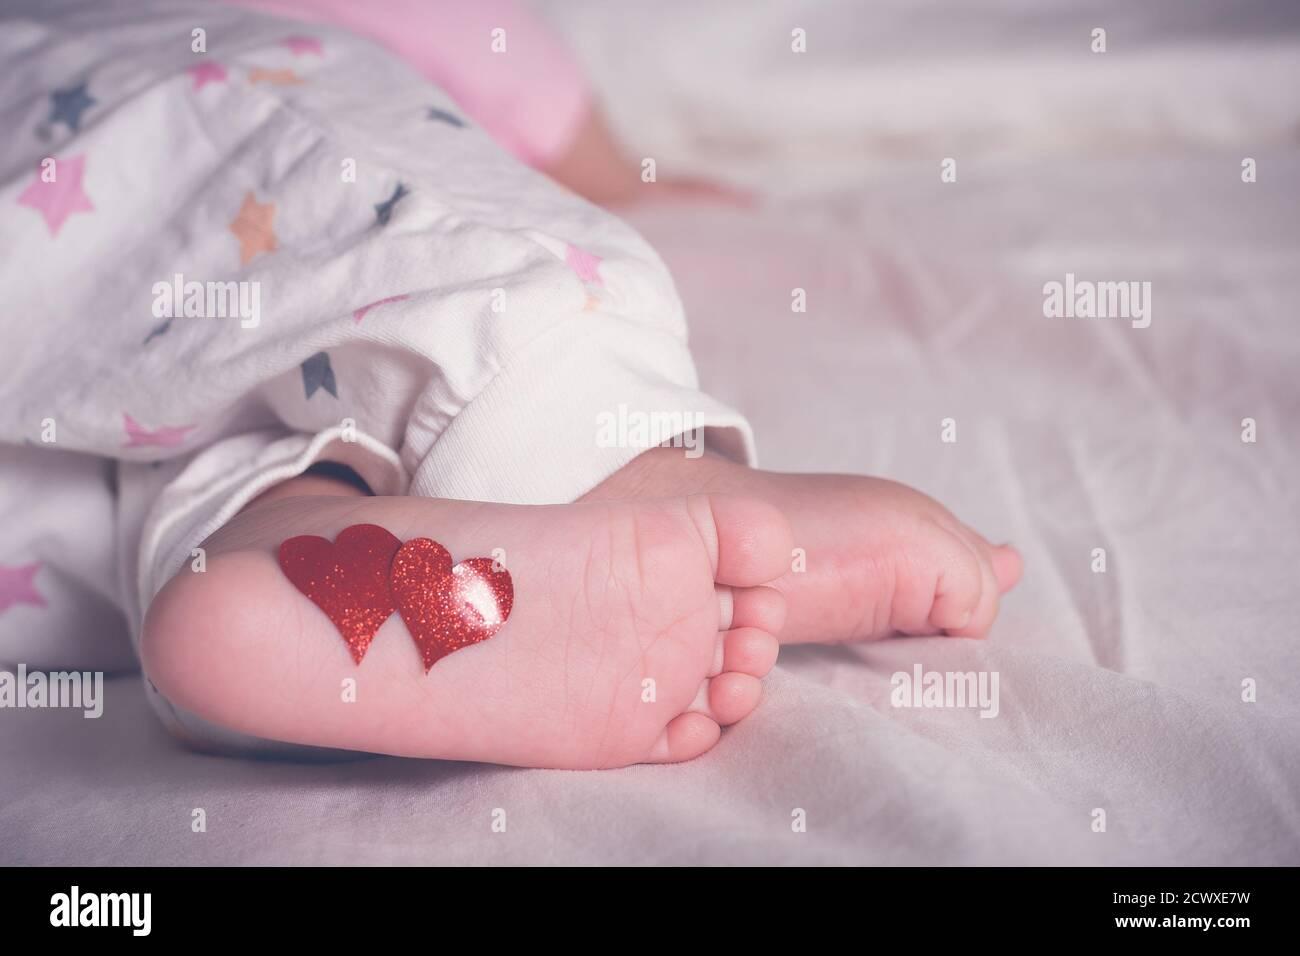 Babynasse mit Herzen auf den Füßen. Ein neugeborenes Baby liegt auf dem Bett. Stockfoto